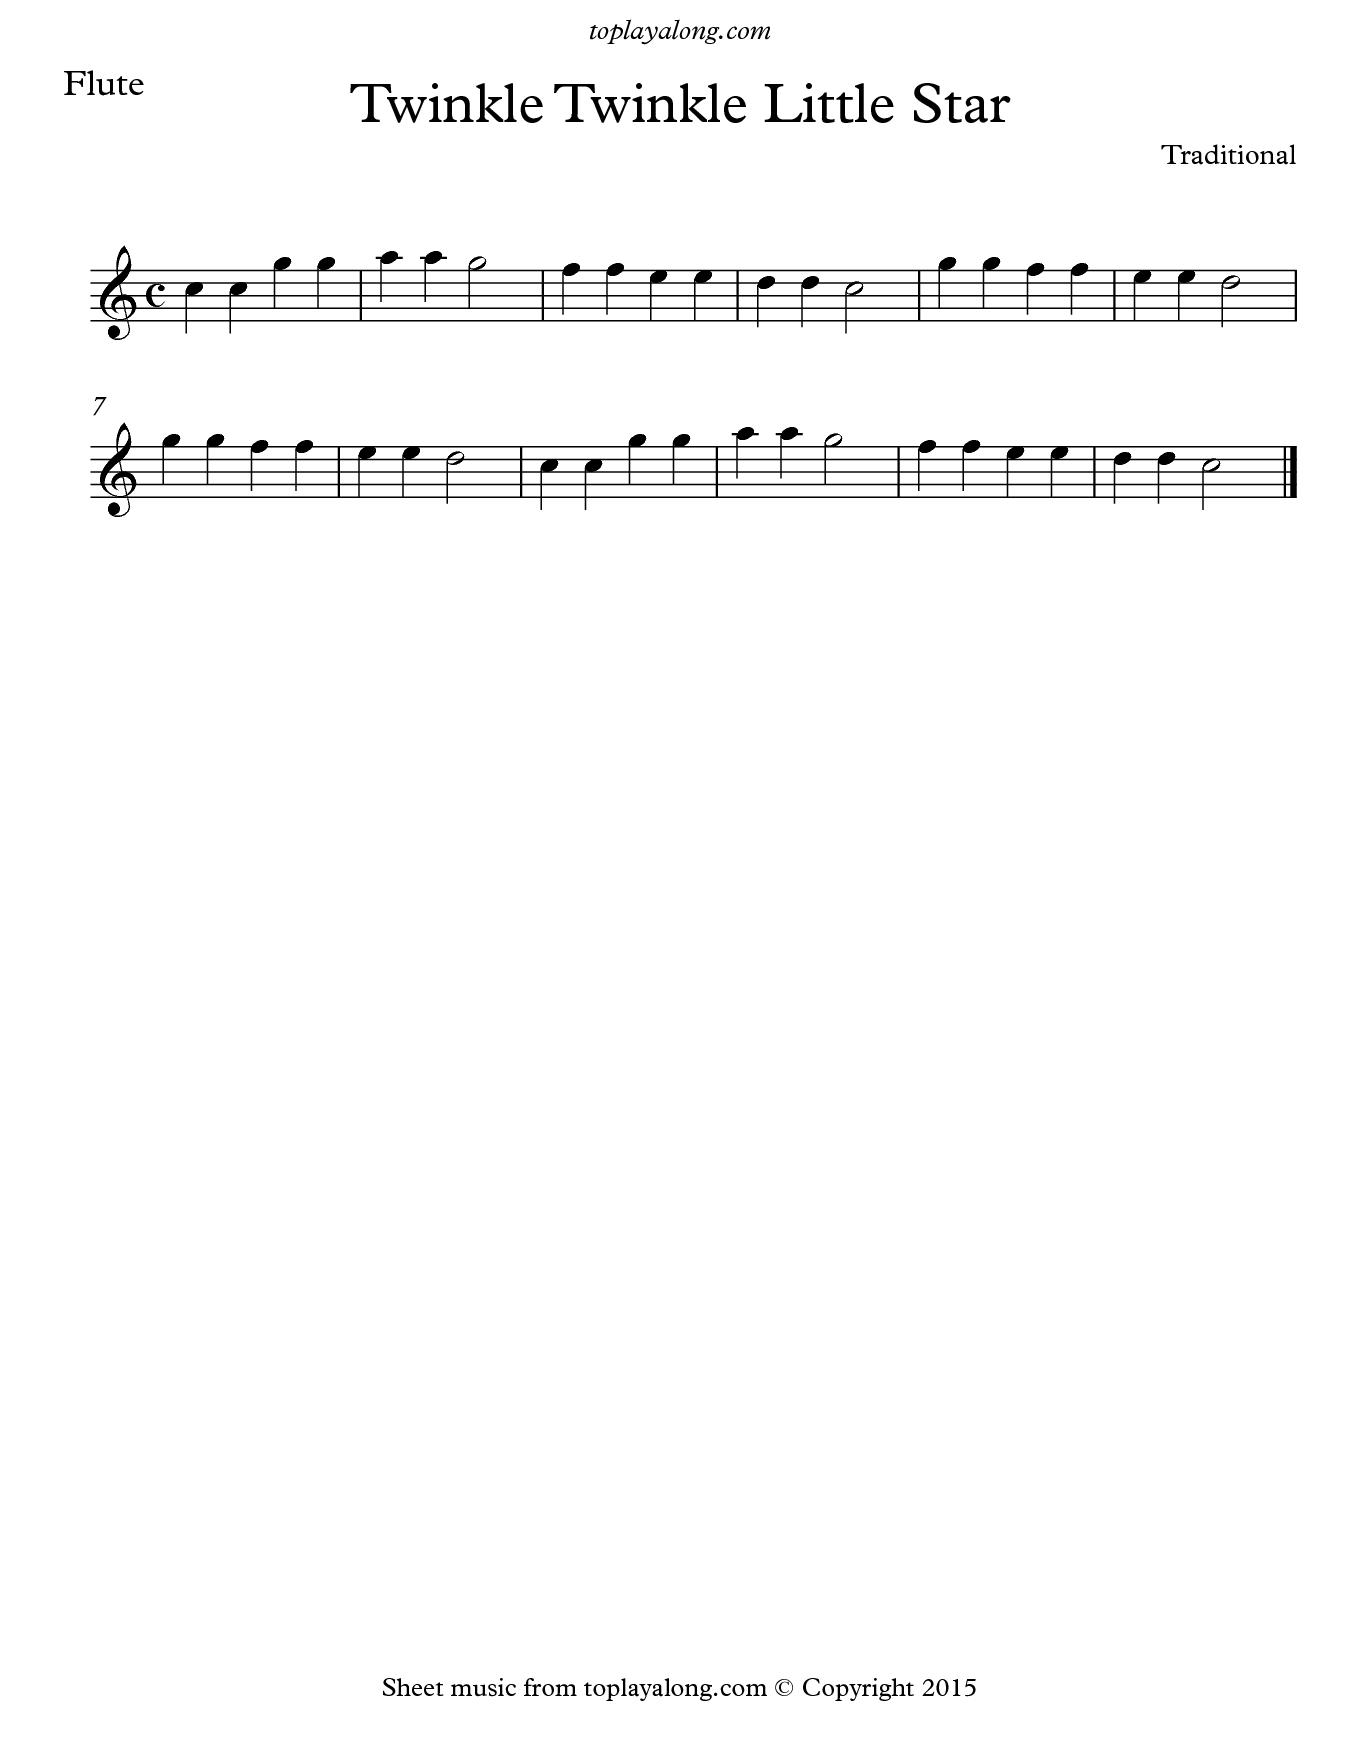 twinkle twinkle little star sheet music pdf